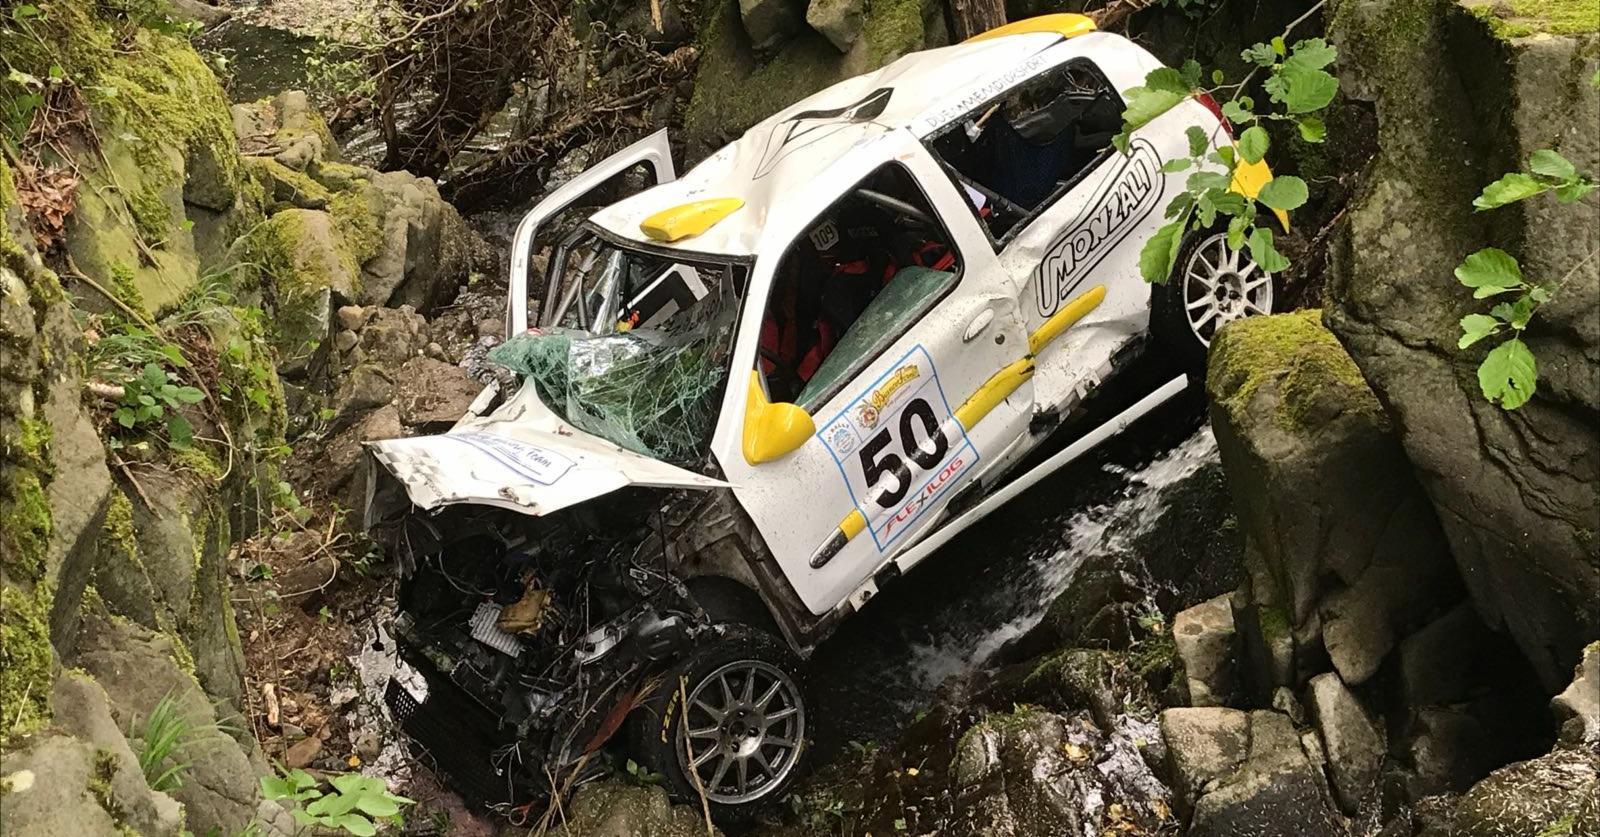 Intervento dei volontari del Soccorso Alpino Toscano della Stazione Appennino per un incidente al Rally della Valdinievole